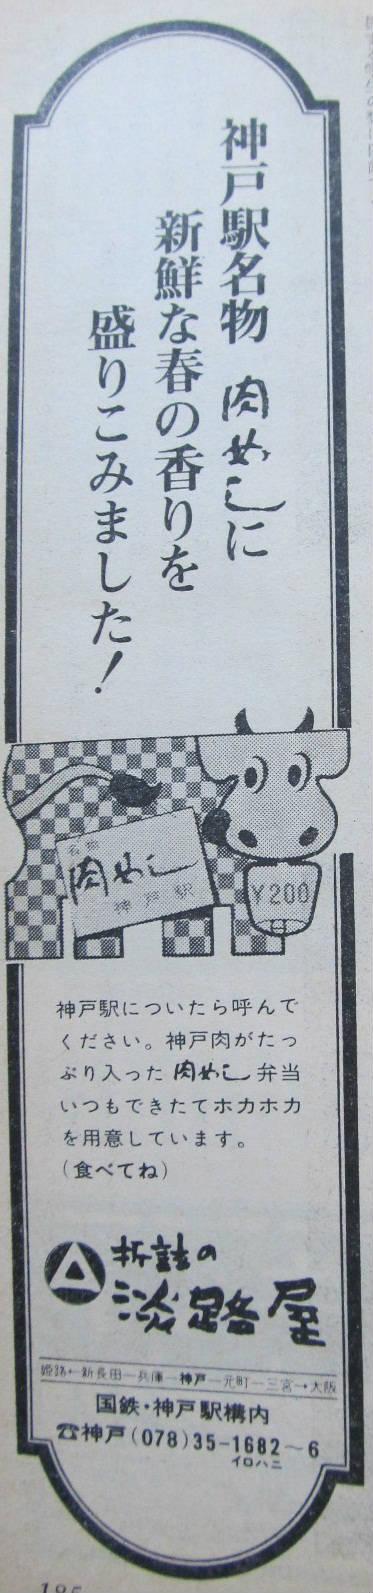 20111216・旅2-02